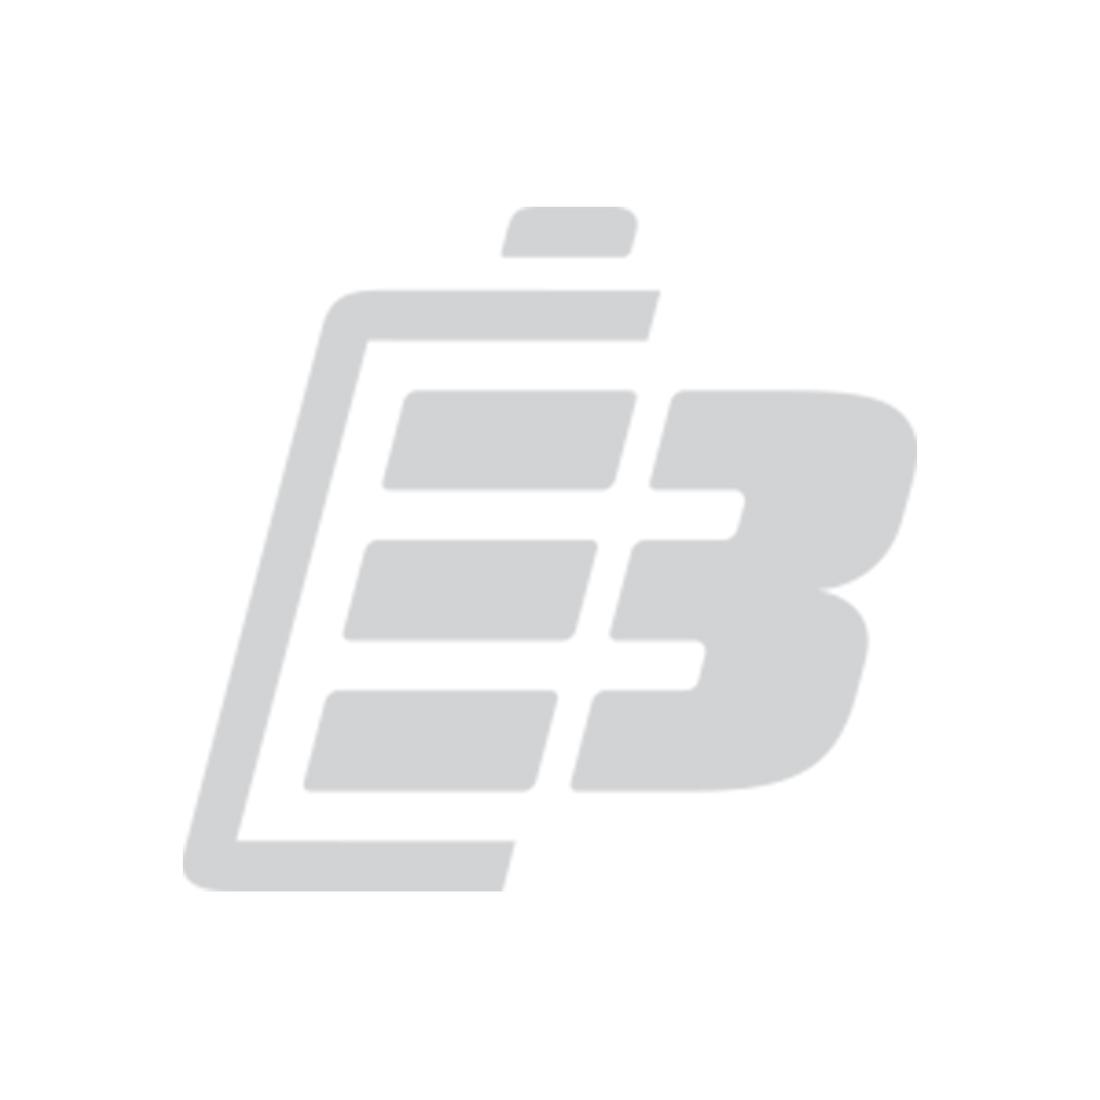 Camera battery Kodak KLIC-7004_1